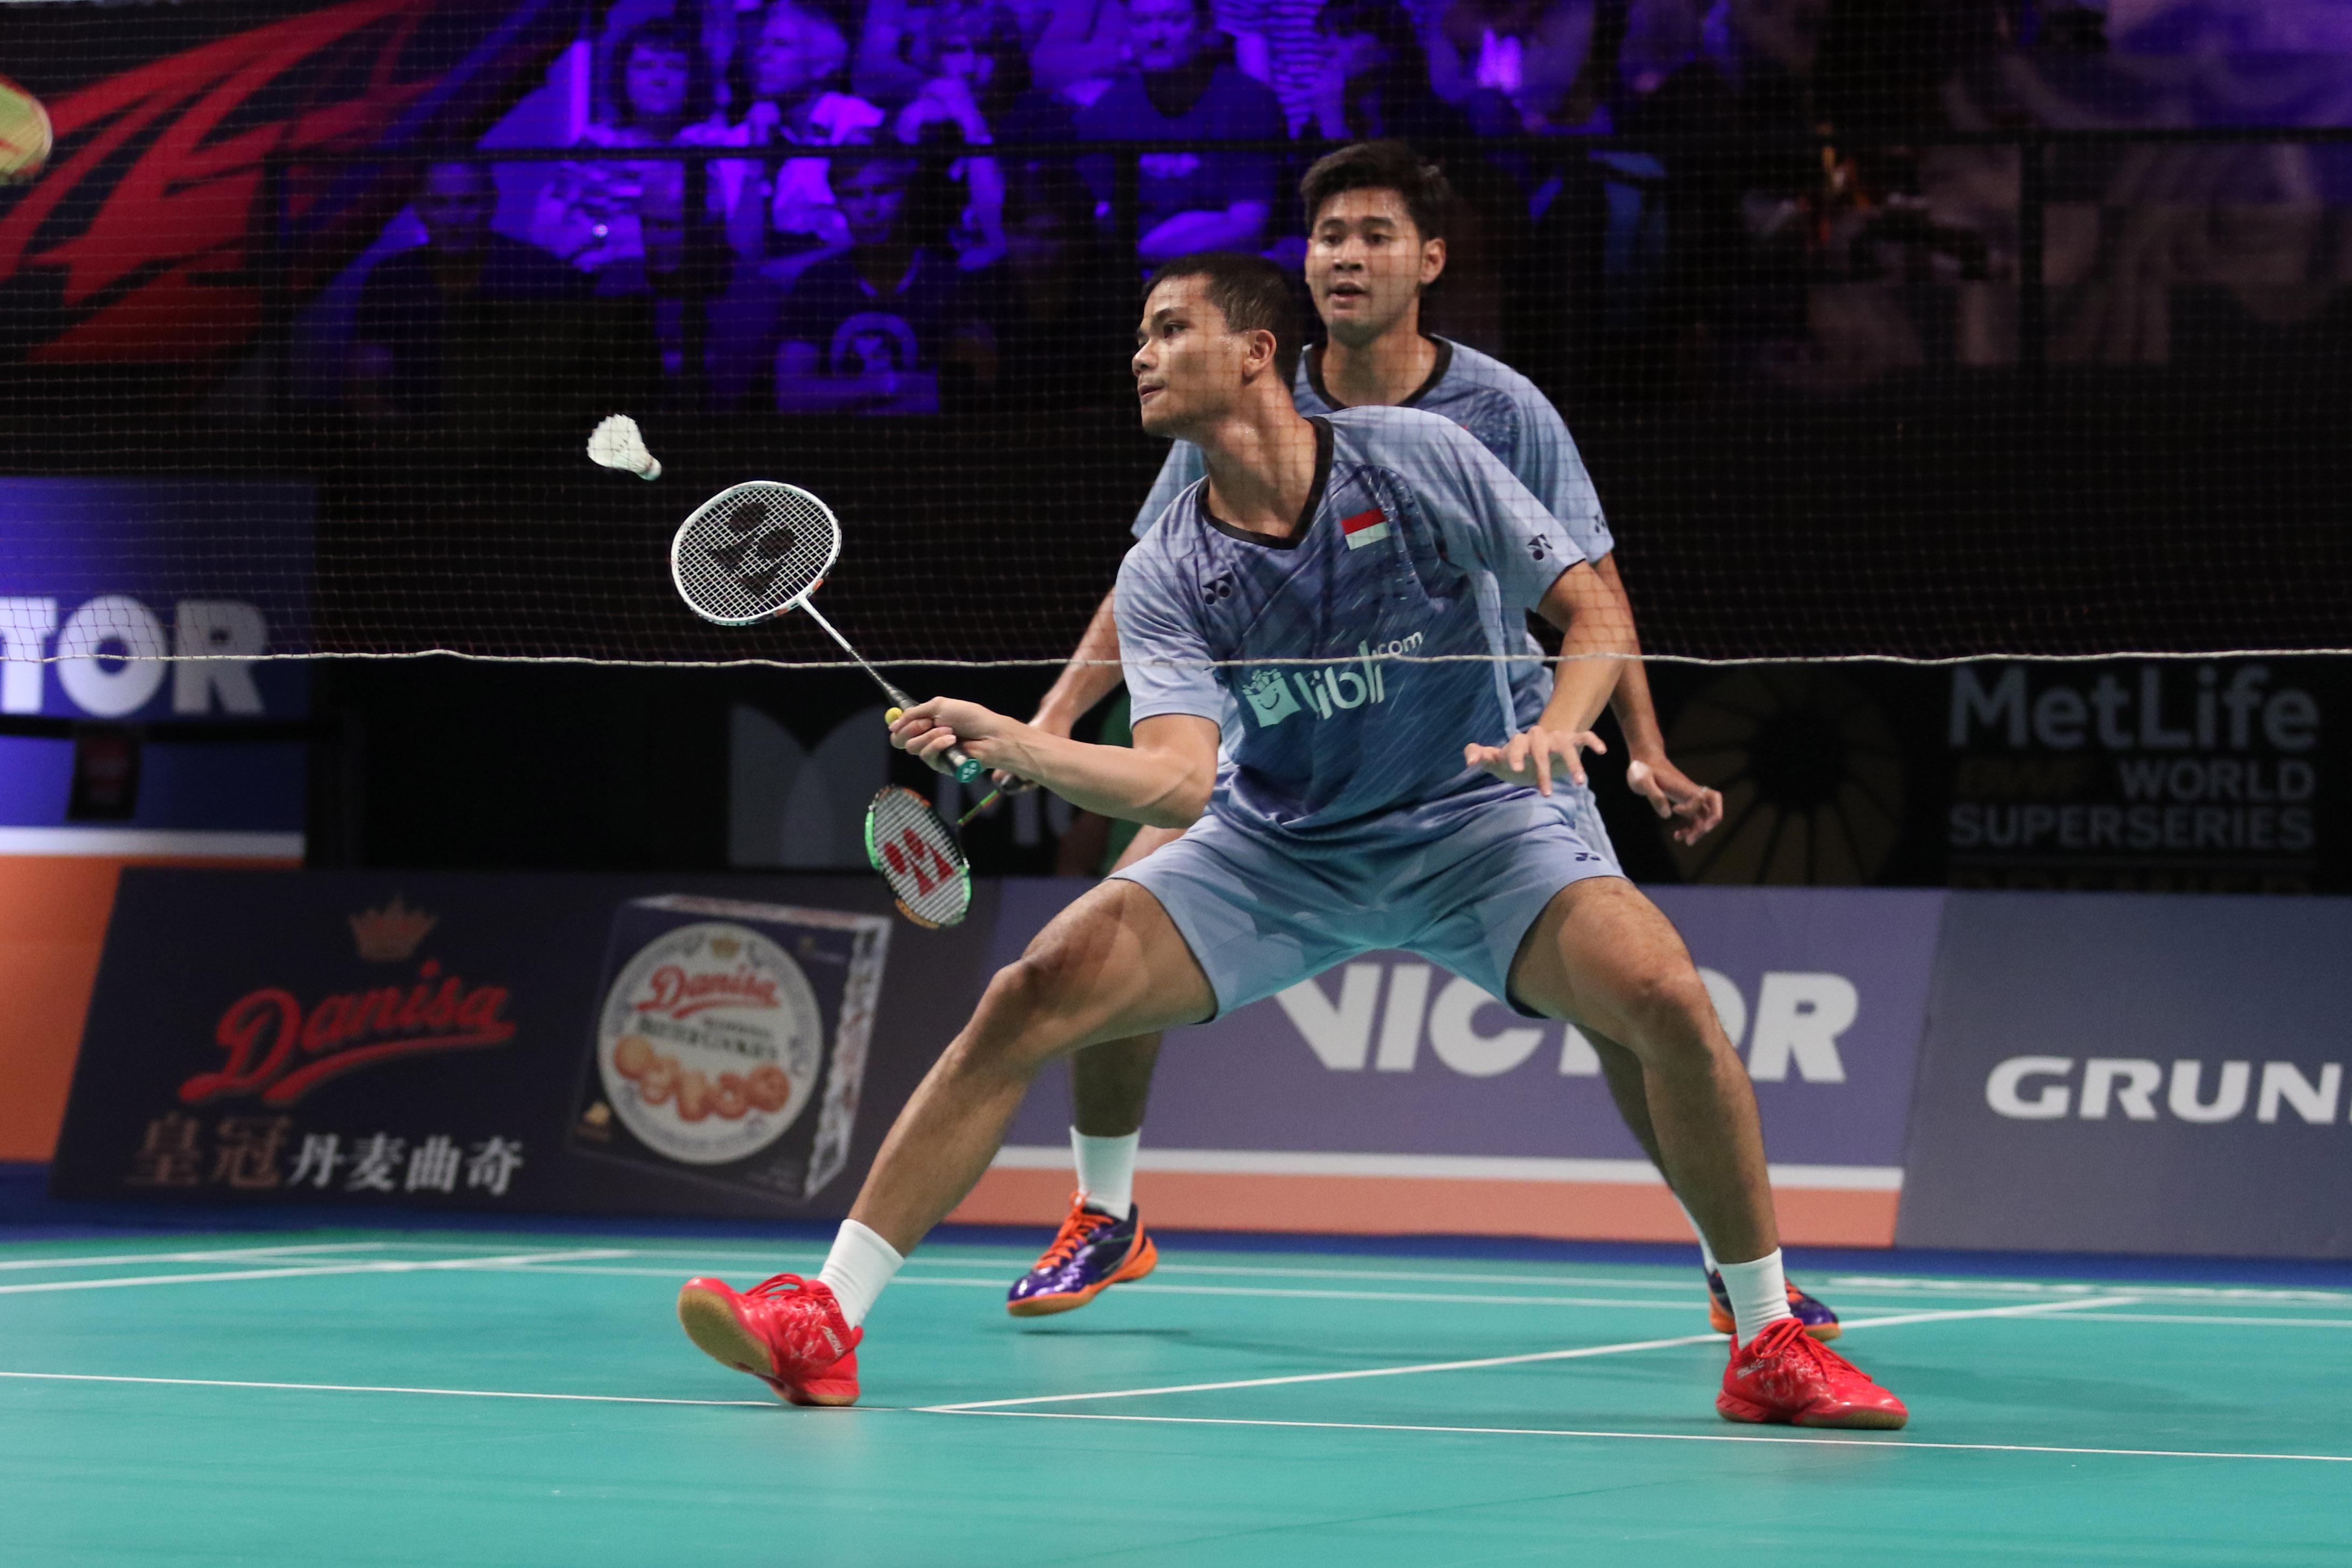 Djarum Badminton Denmark Superseries Premier 2017 Singkirkan